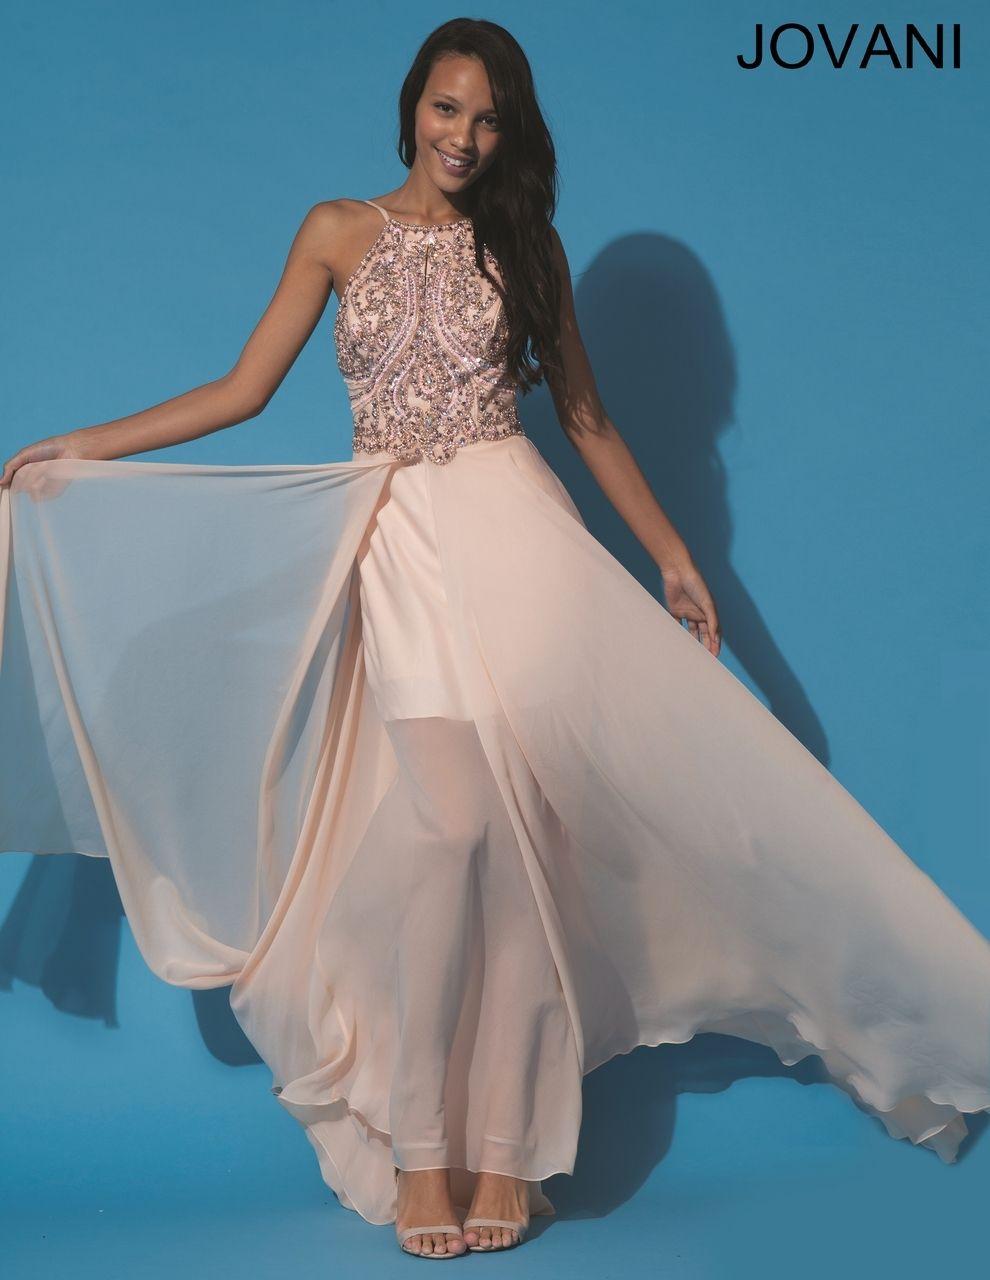 flair fashions - Jovani 92605, $605.00 (http://www.flairfashions ...